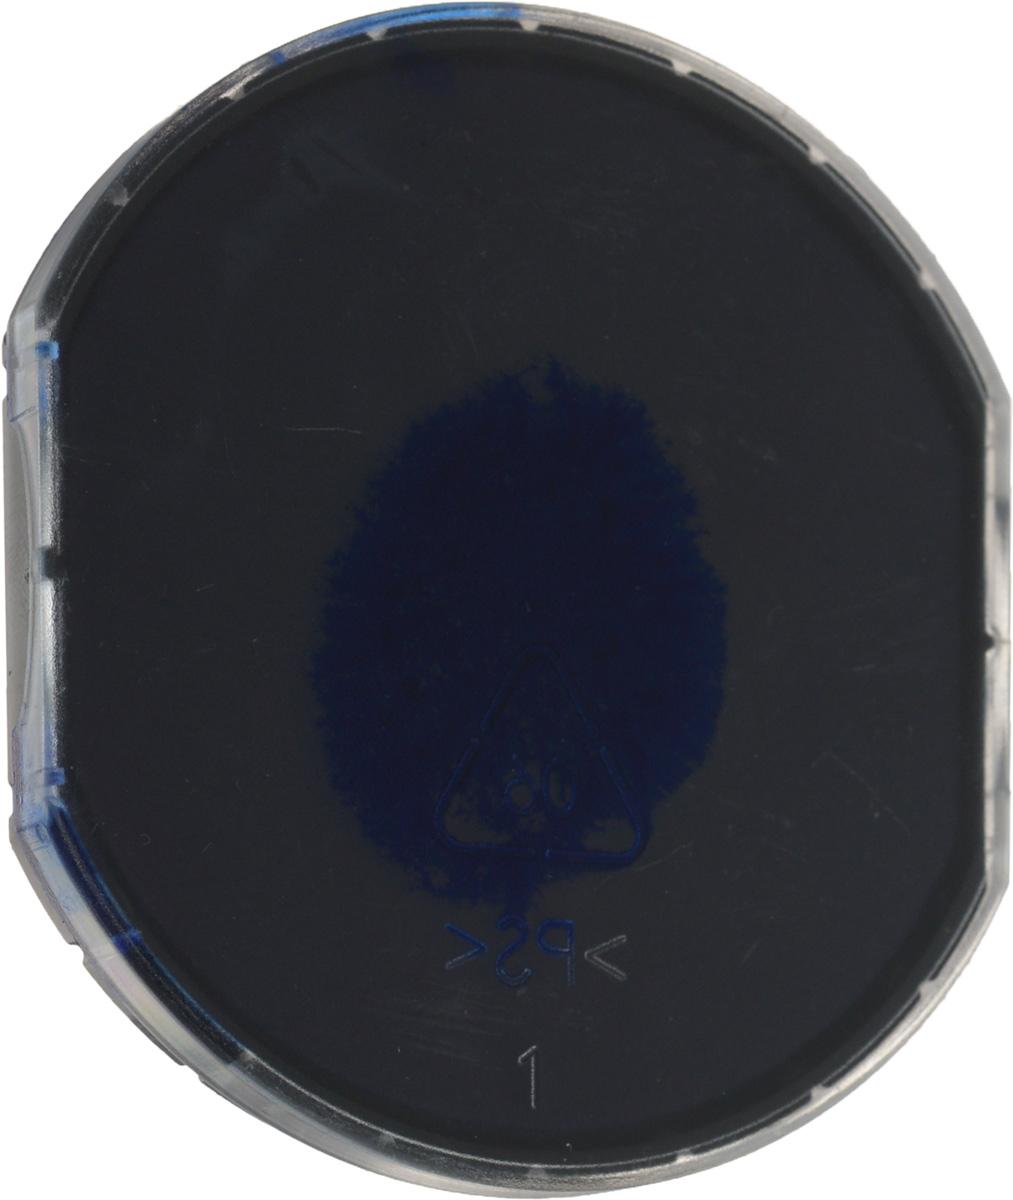 Colop Сменная штемпельная подушка E/R50 цвет синийE/R50c/colopСменная штемпельная подушка Colop E/R50 предназначенадля продукции Colop. Произведена в Австрии с учетомтребований российских и международных стандартов. Заменаштемпельной подушки необходима при каждом изменениитекста в штампе. Заправка штемпельной краской нерекомендуется. Гарантирует не менее 10 000 четких оттисков.Подходит для кода С10886, С10879, цвет краски - синий.